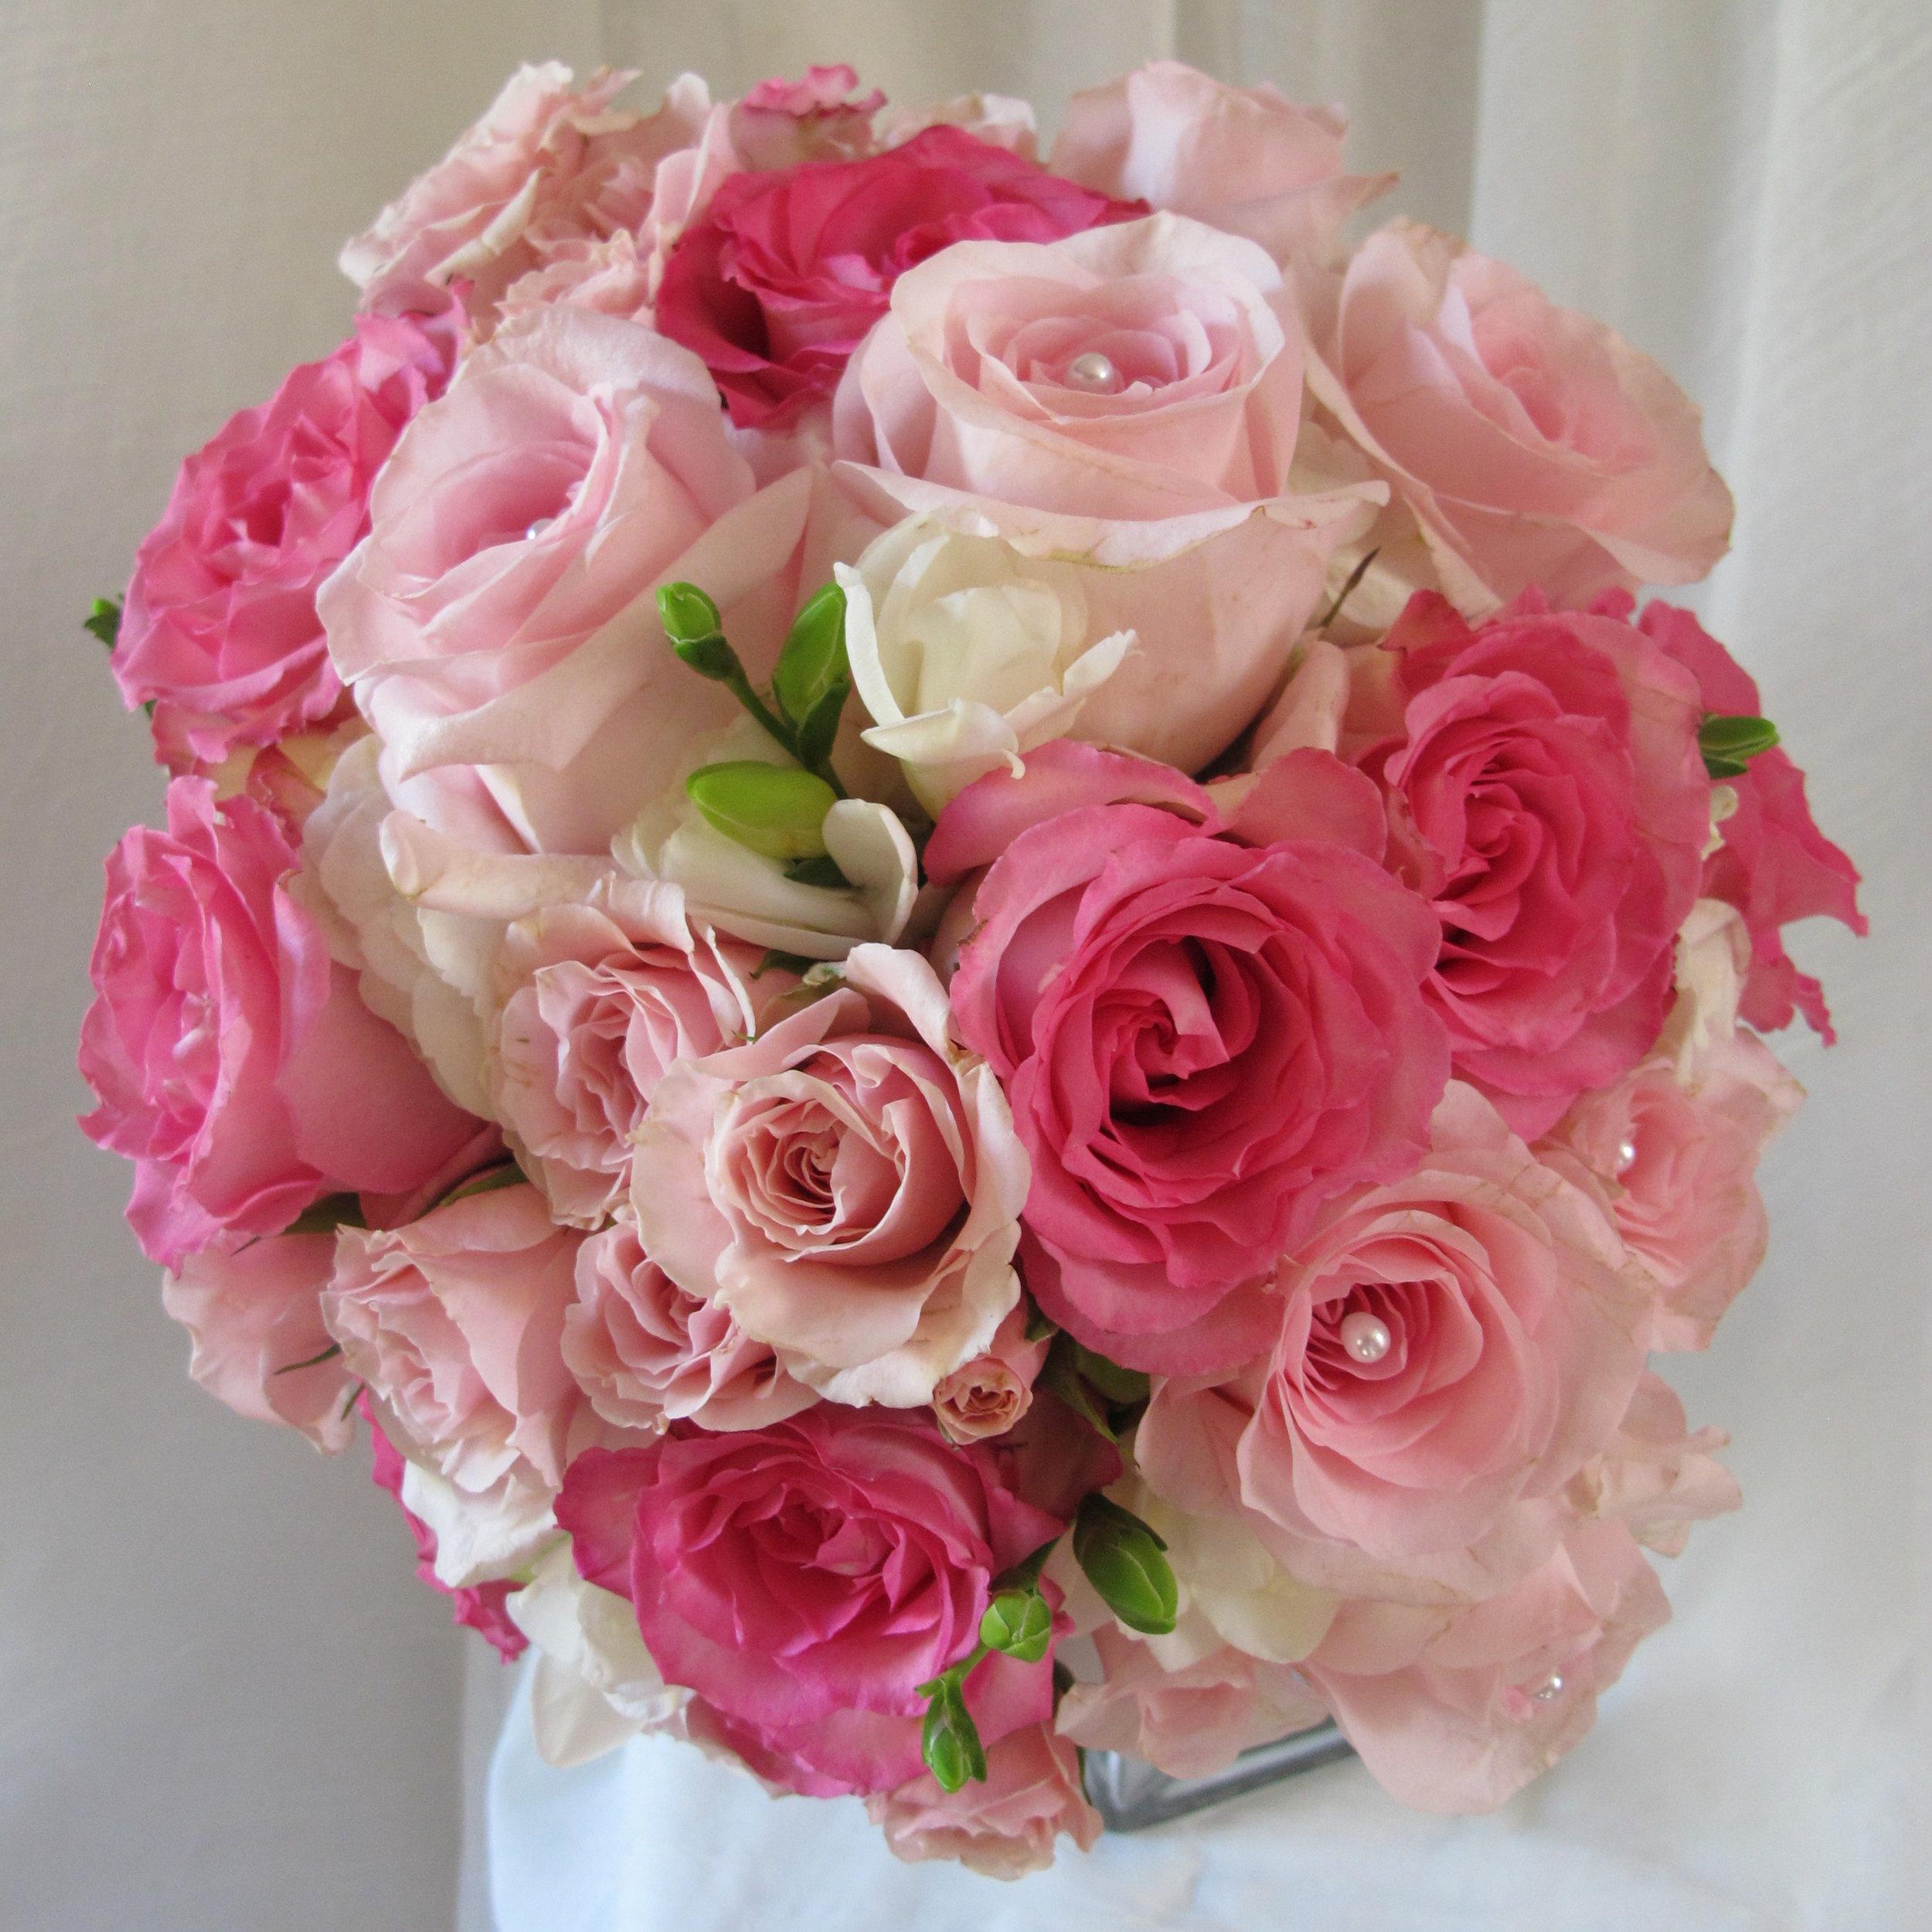 Hand Held Pink roses.JPG